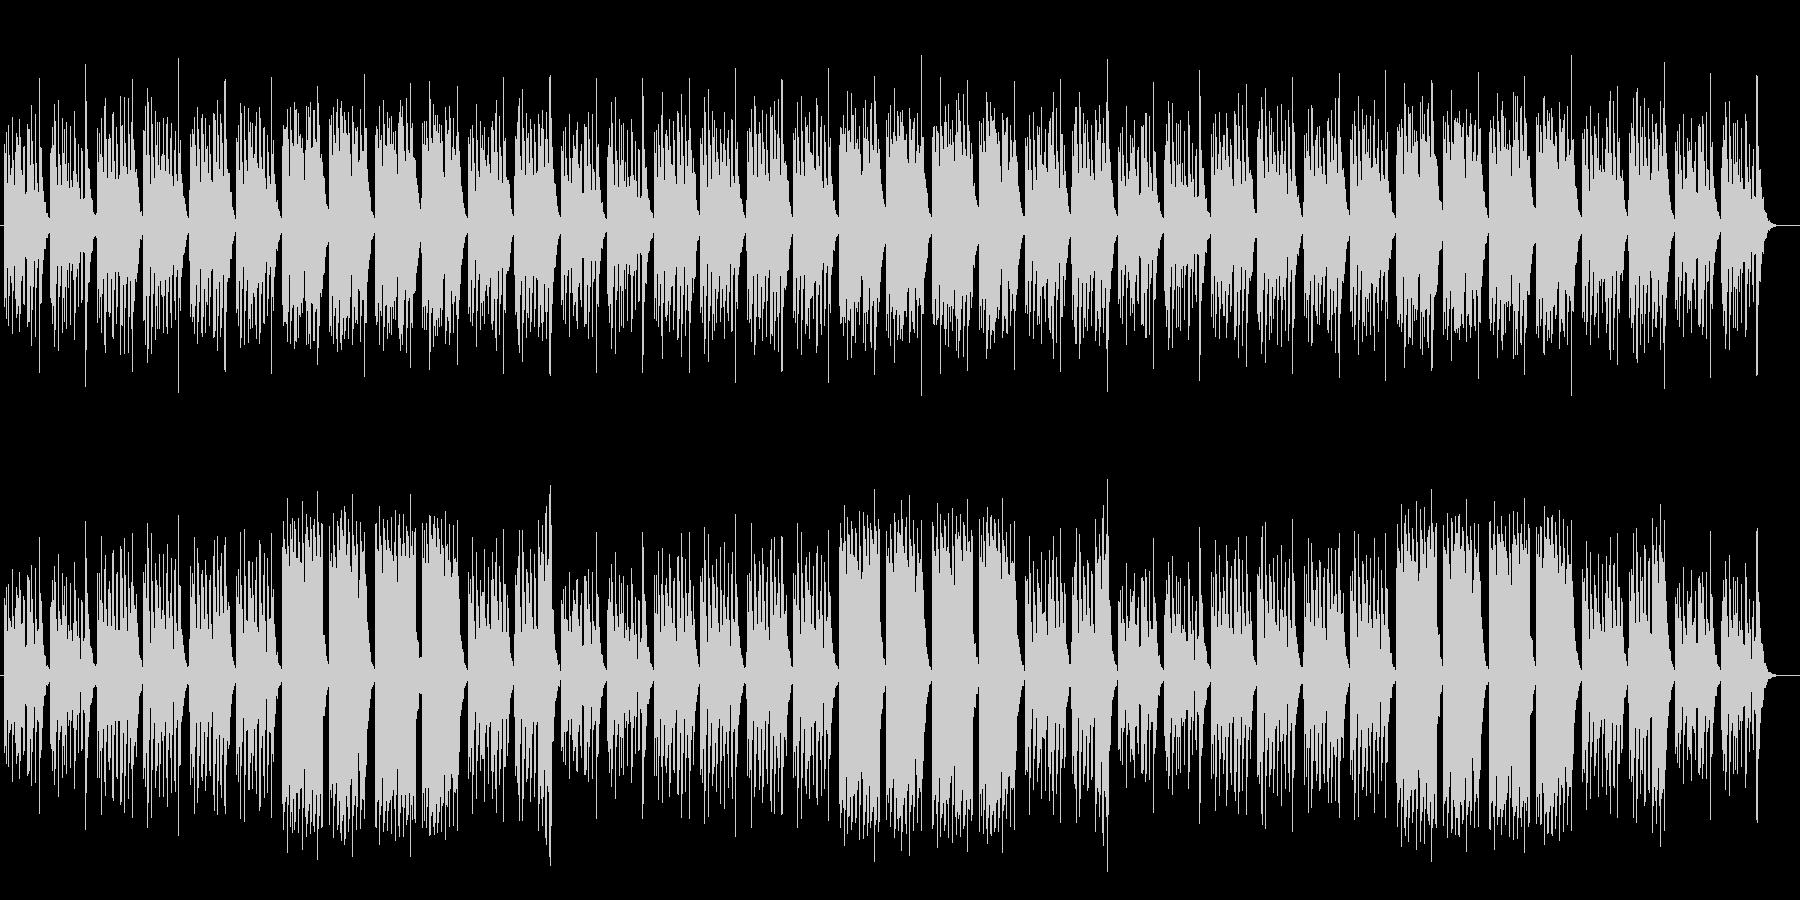 かわいいファンタジーなシンセサイザー曲の未再生の波形